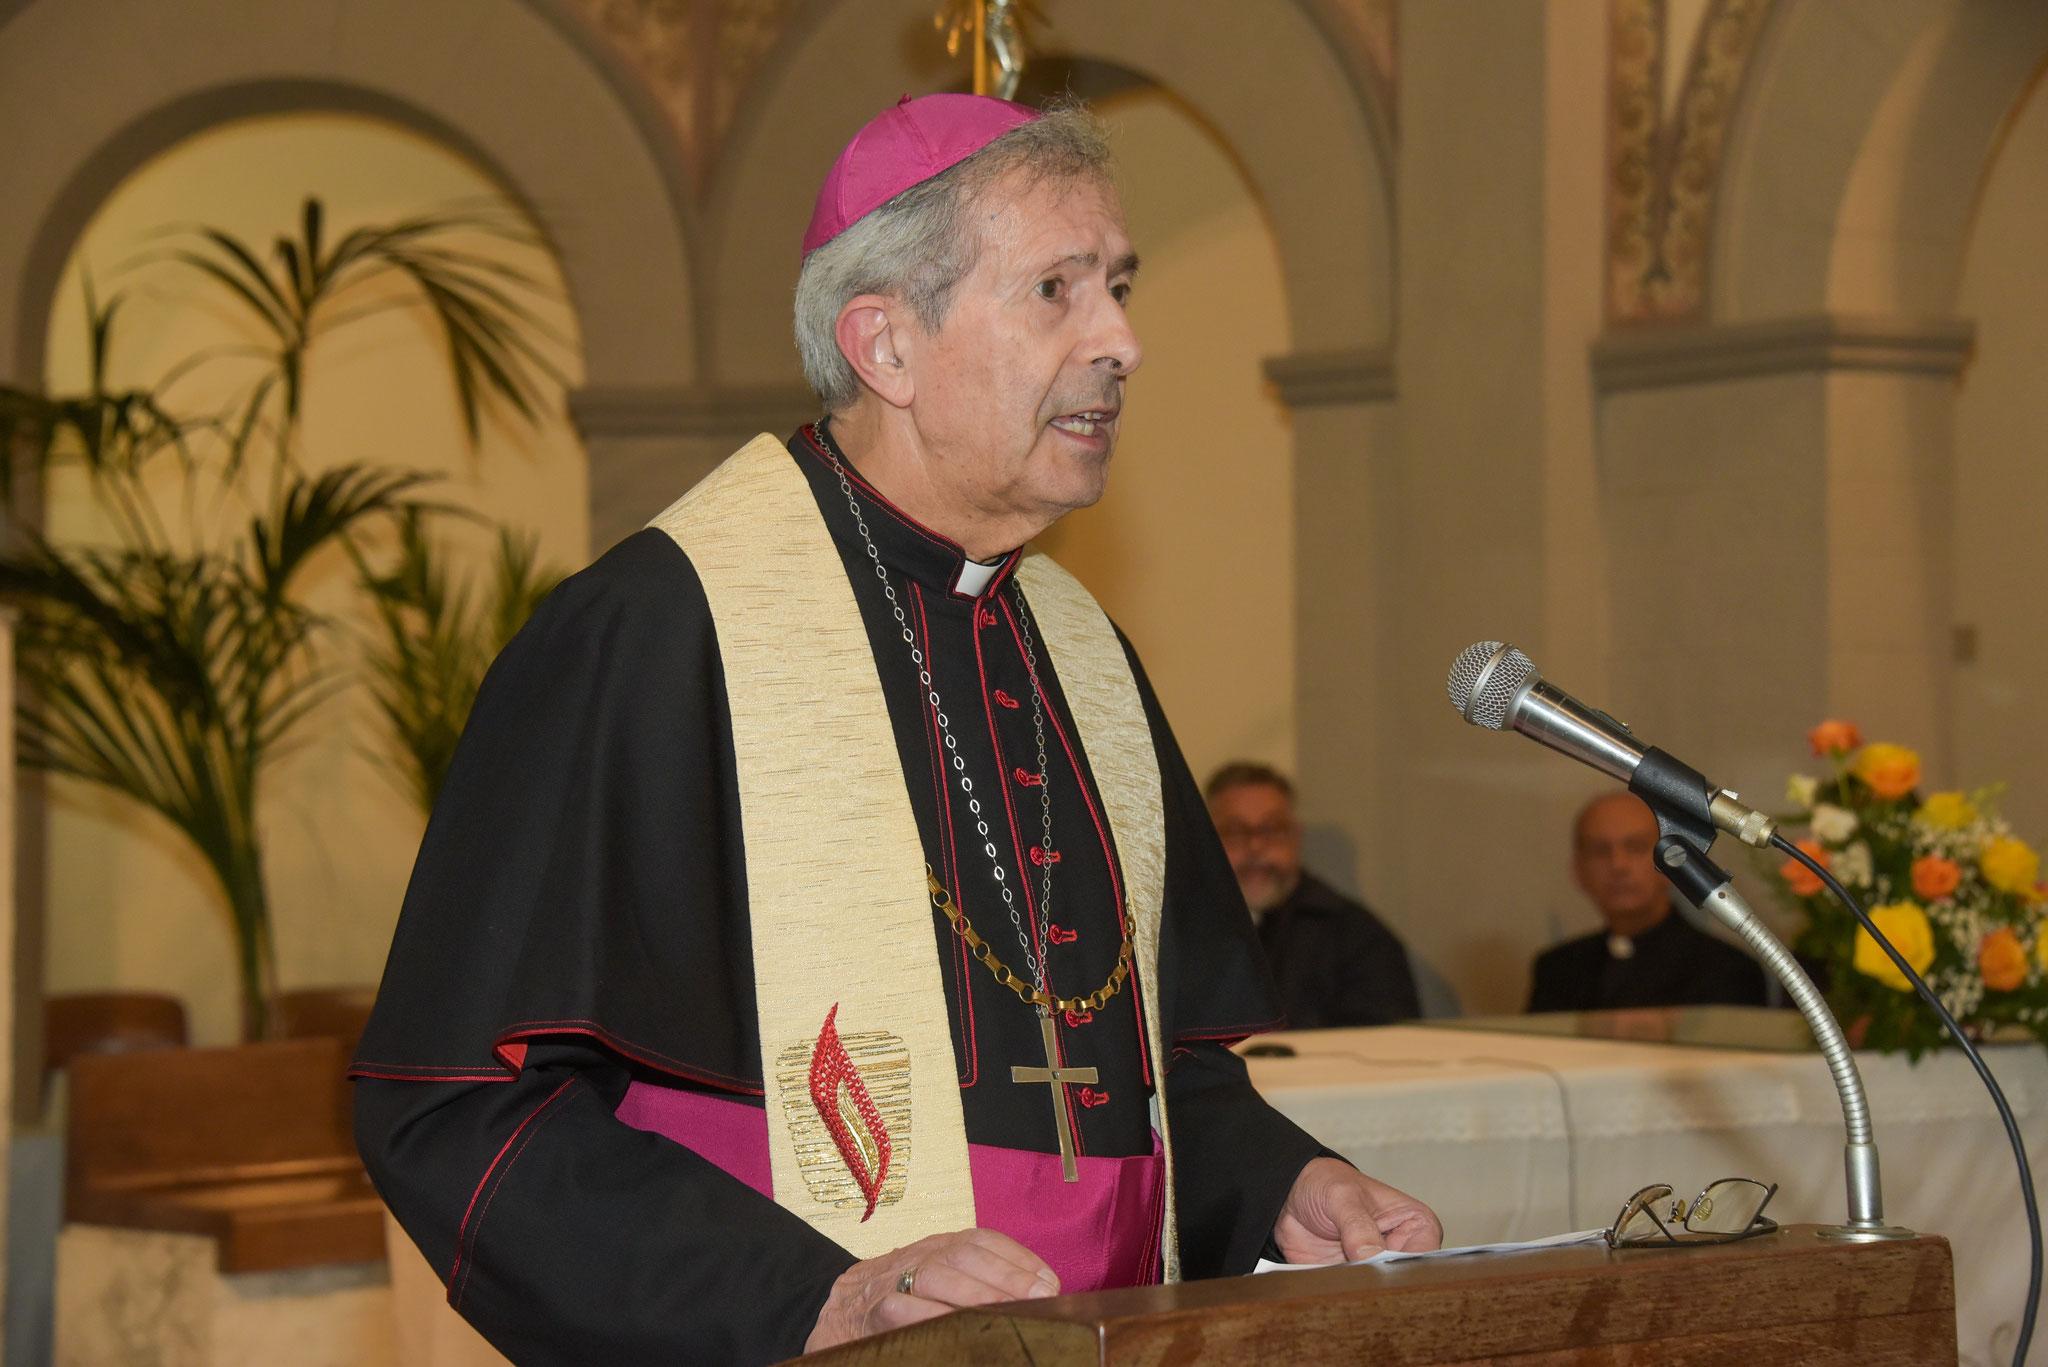 Riflessione - Mons. Giovanni Paolo Benotto, Arcivescovo della diocesi di Pisa